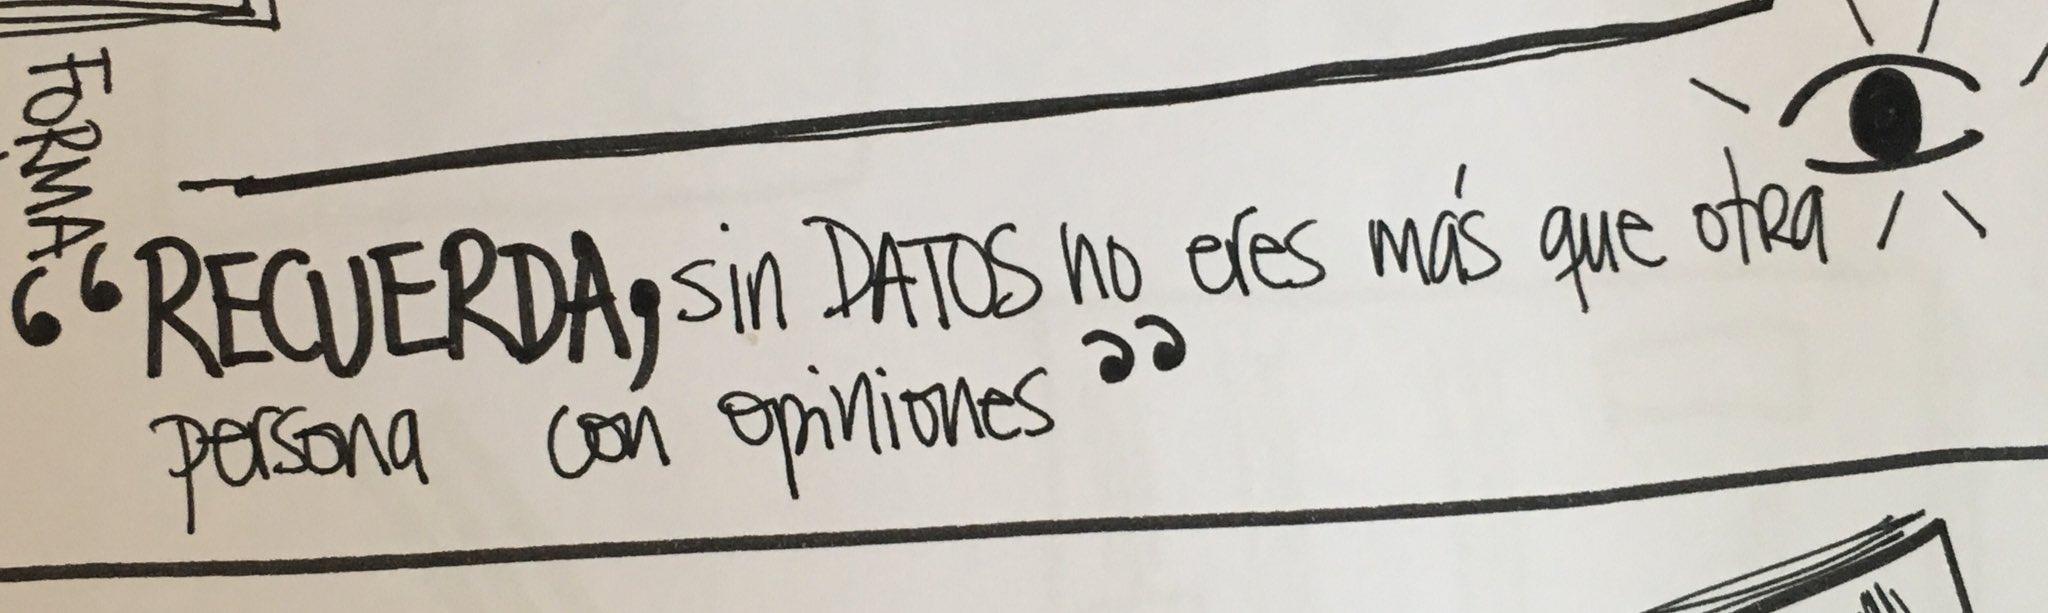 Recuerda, sin DATOS NO eres más que otra persona con opiniones #PISA  #getxolinguae17 https://t.co/wKRdbtzcQV